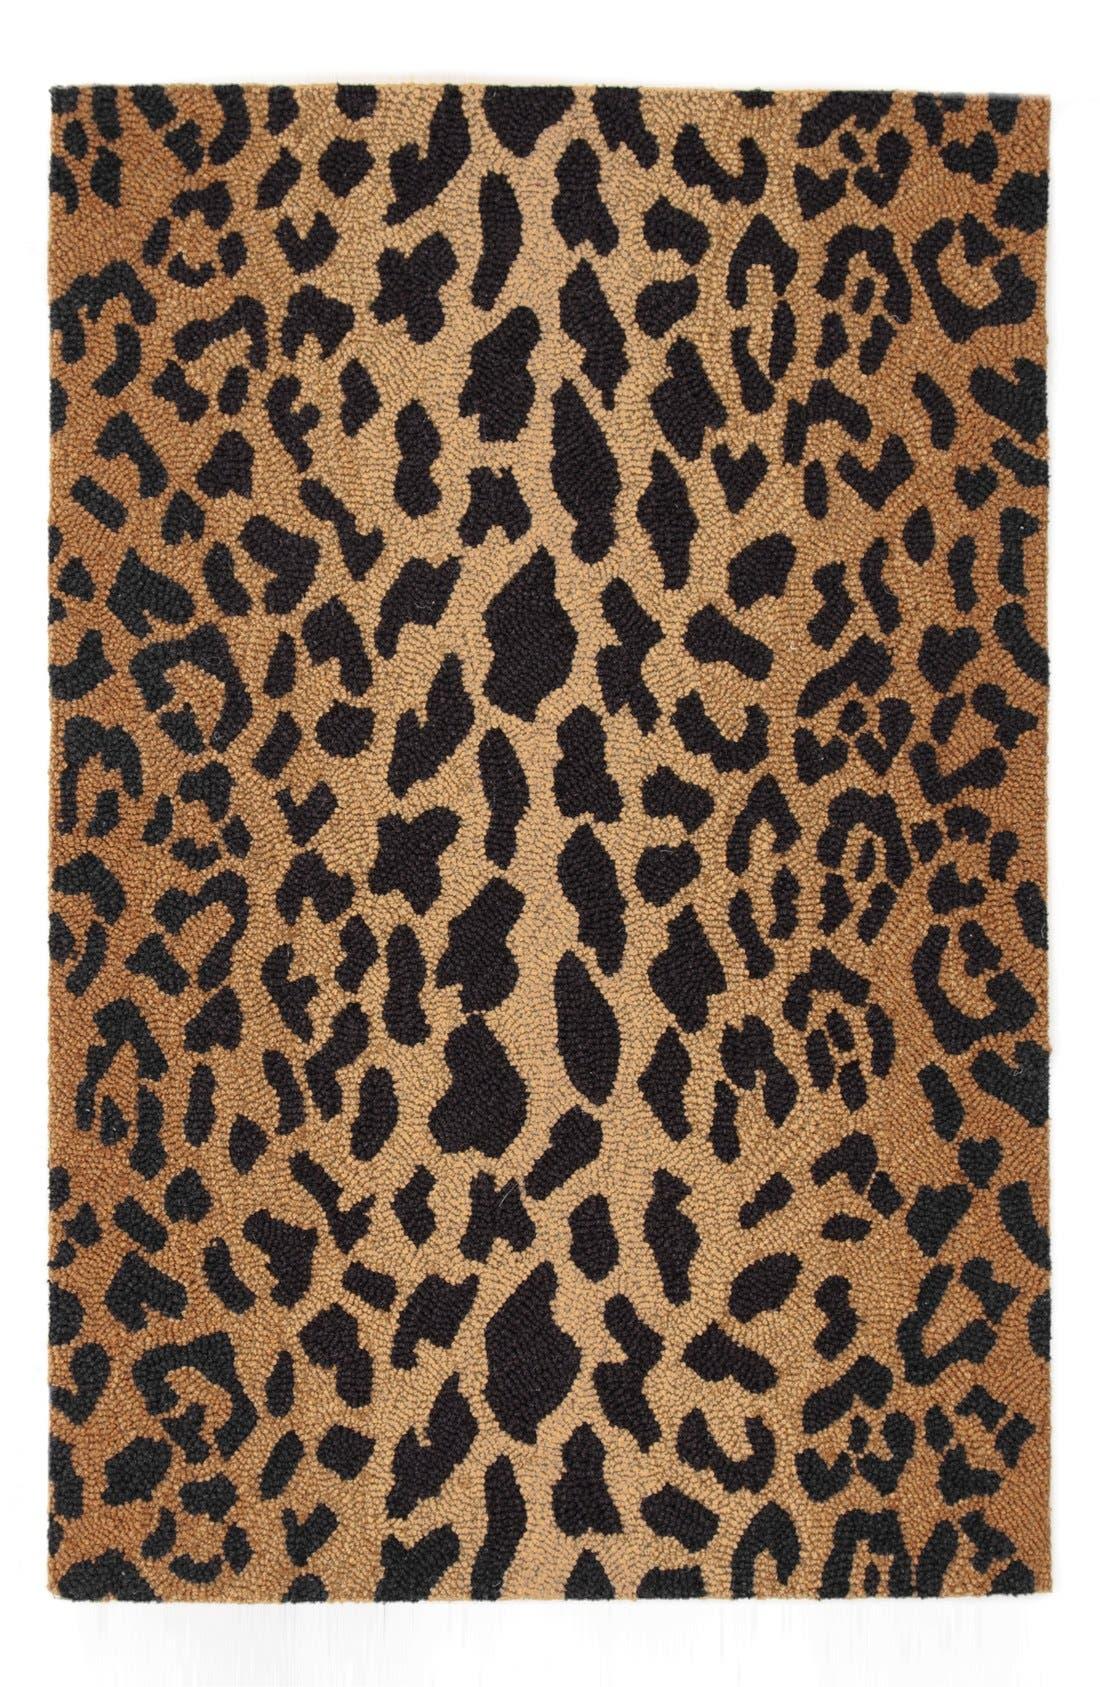 Main Image - Dash & Albert Leopard Print Wool Rug